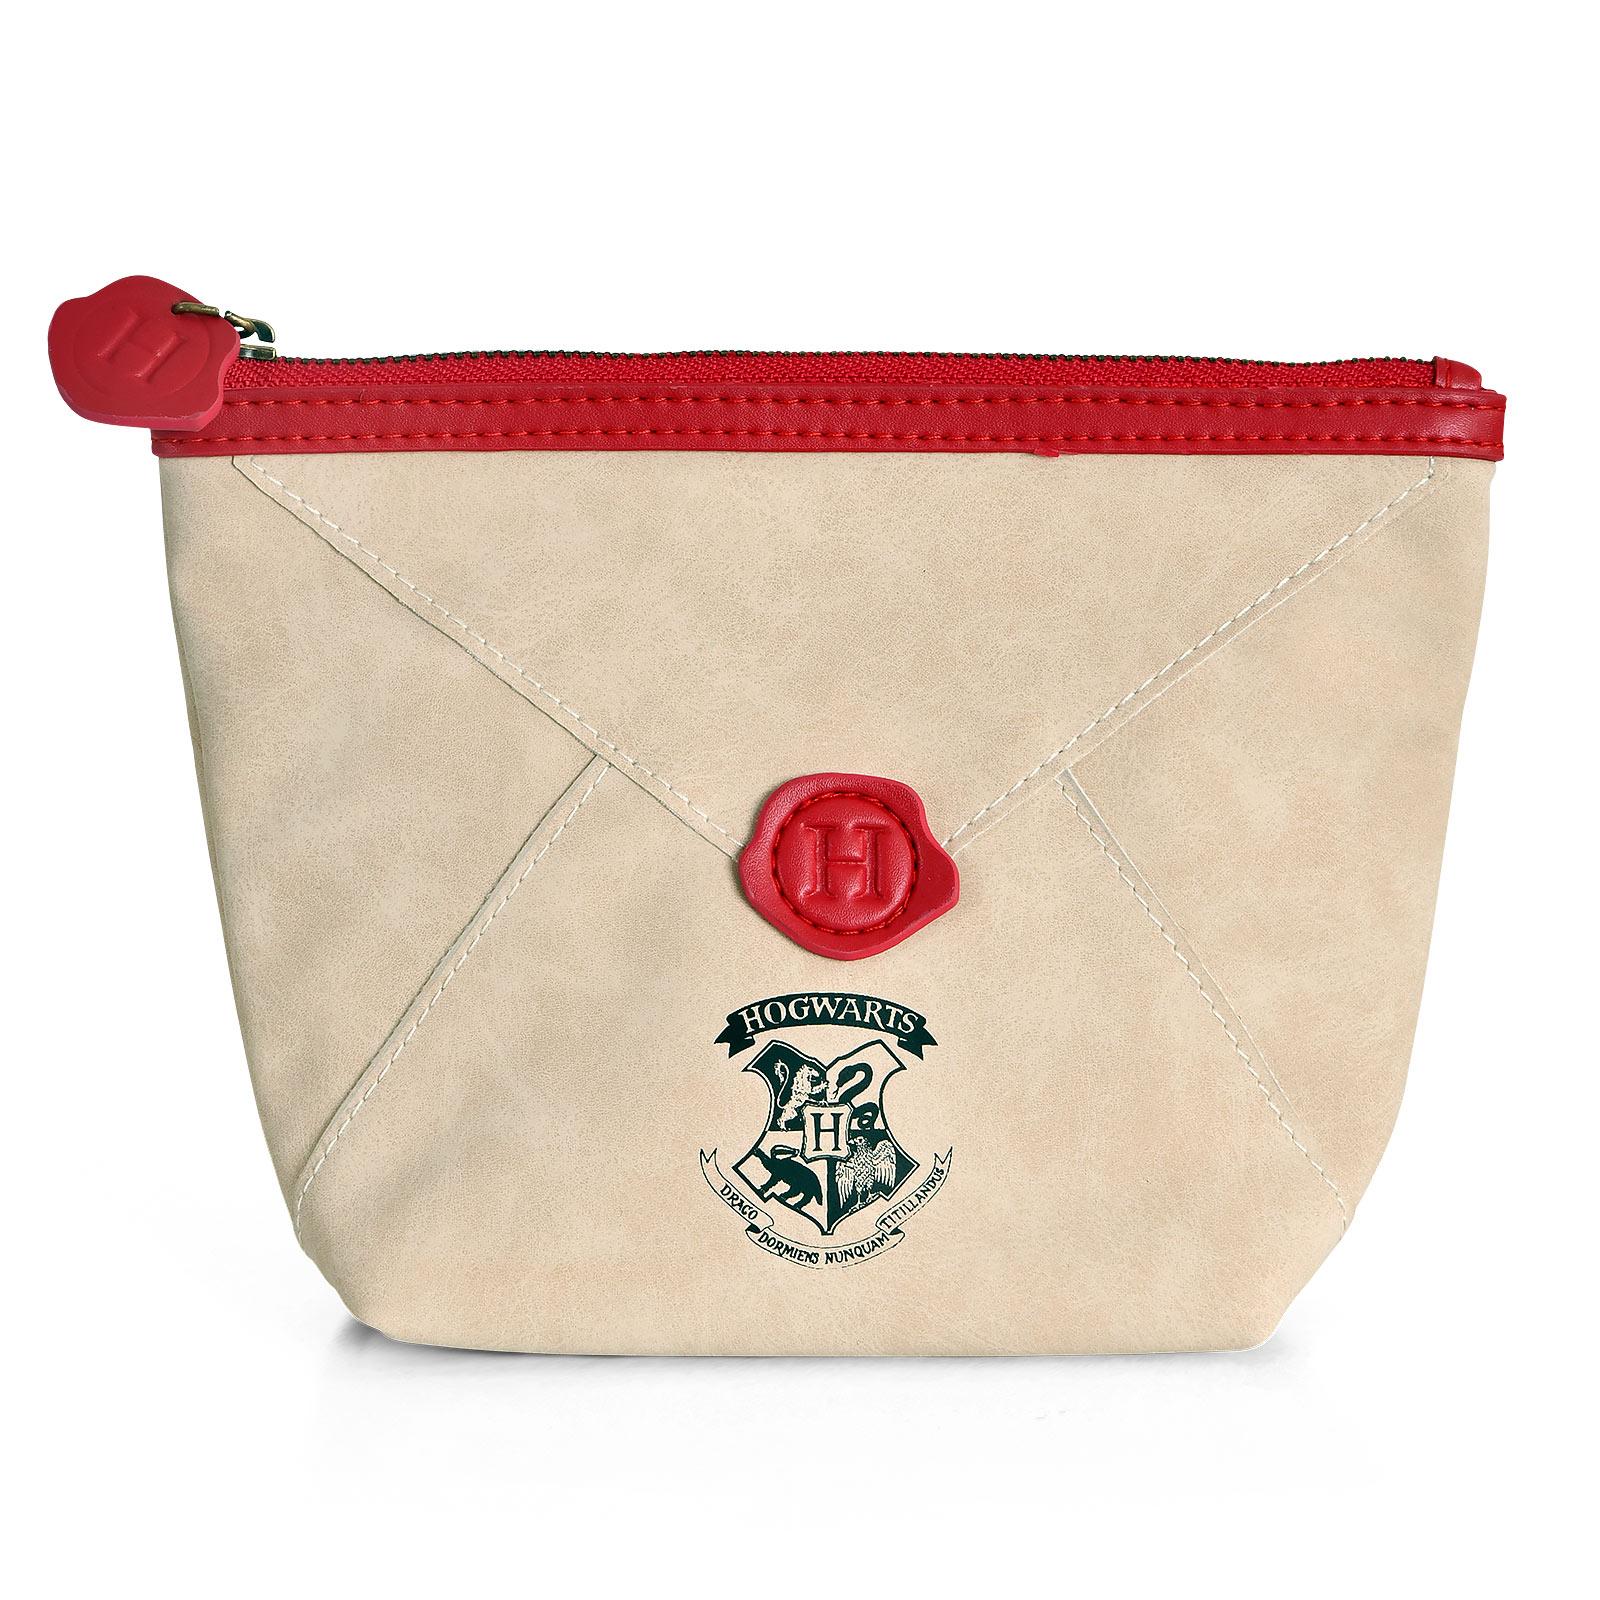 Hogwarts Brief Kosmetiktasche - Harry Potter